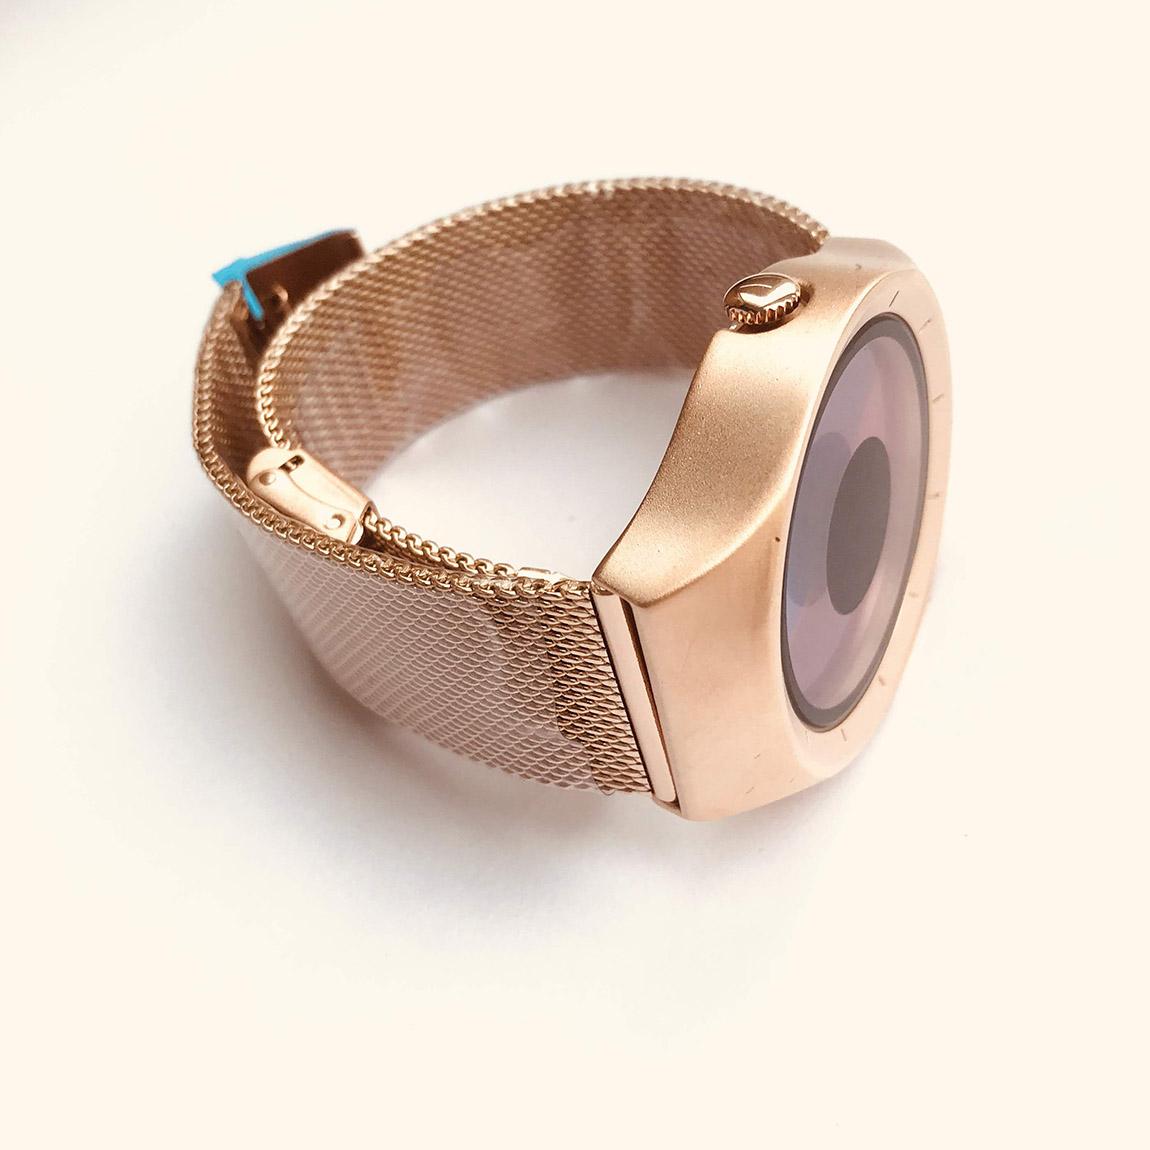 modernus moteriskas laikrodis  dovanos moterims merginai panelei siuolaikiskas modernus isskirtinis unikalus orginalus moteriskas laikrodis sportiska94s